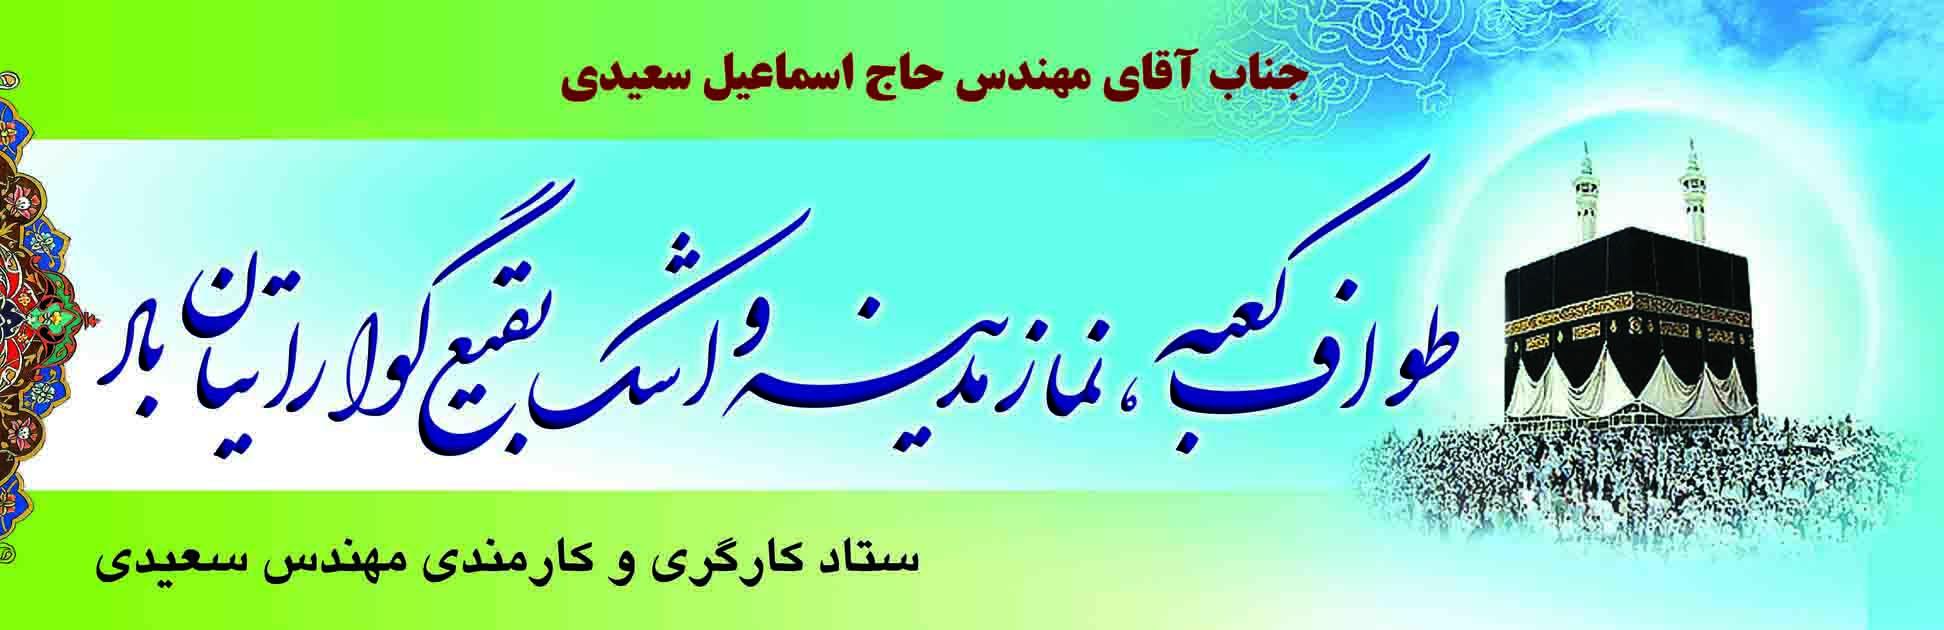 جامعه کارگری حامی سعیدی